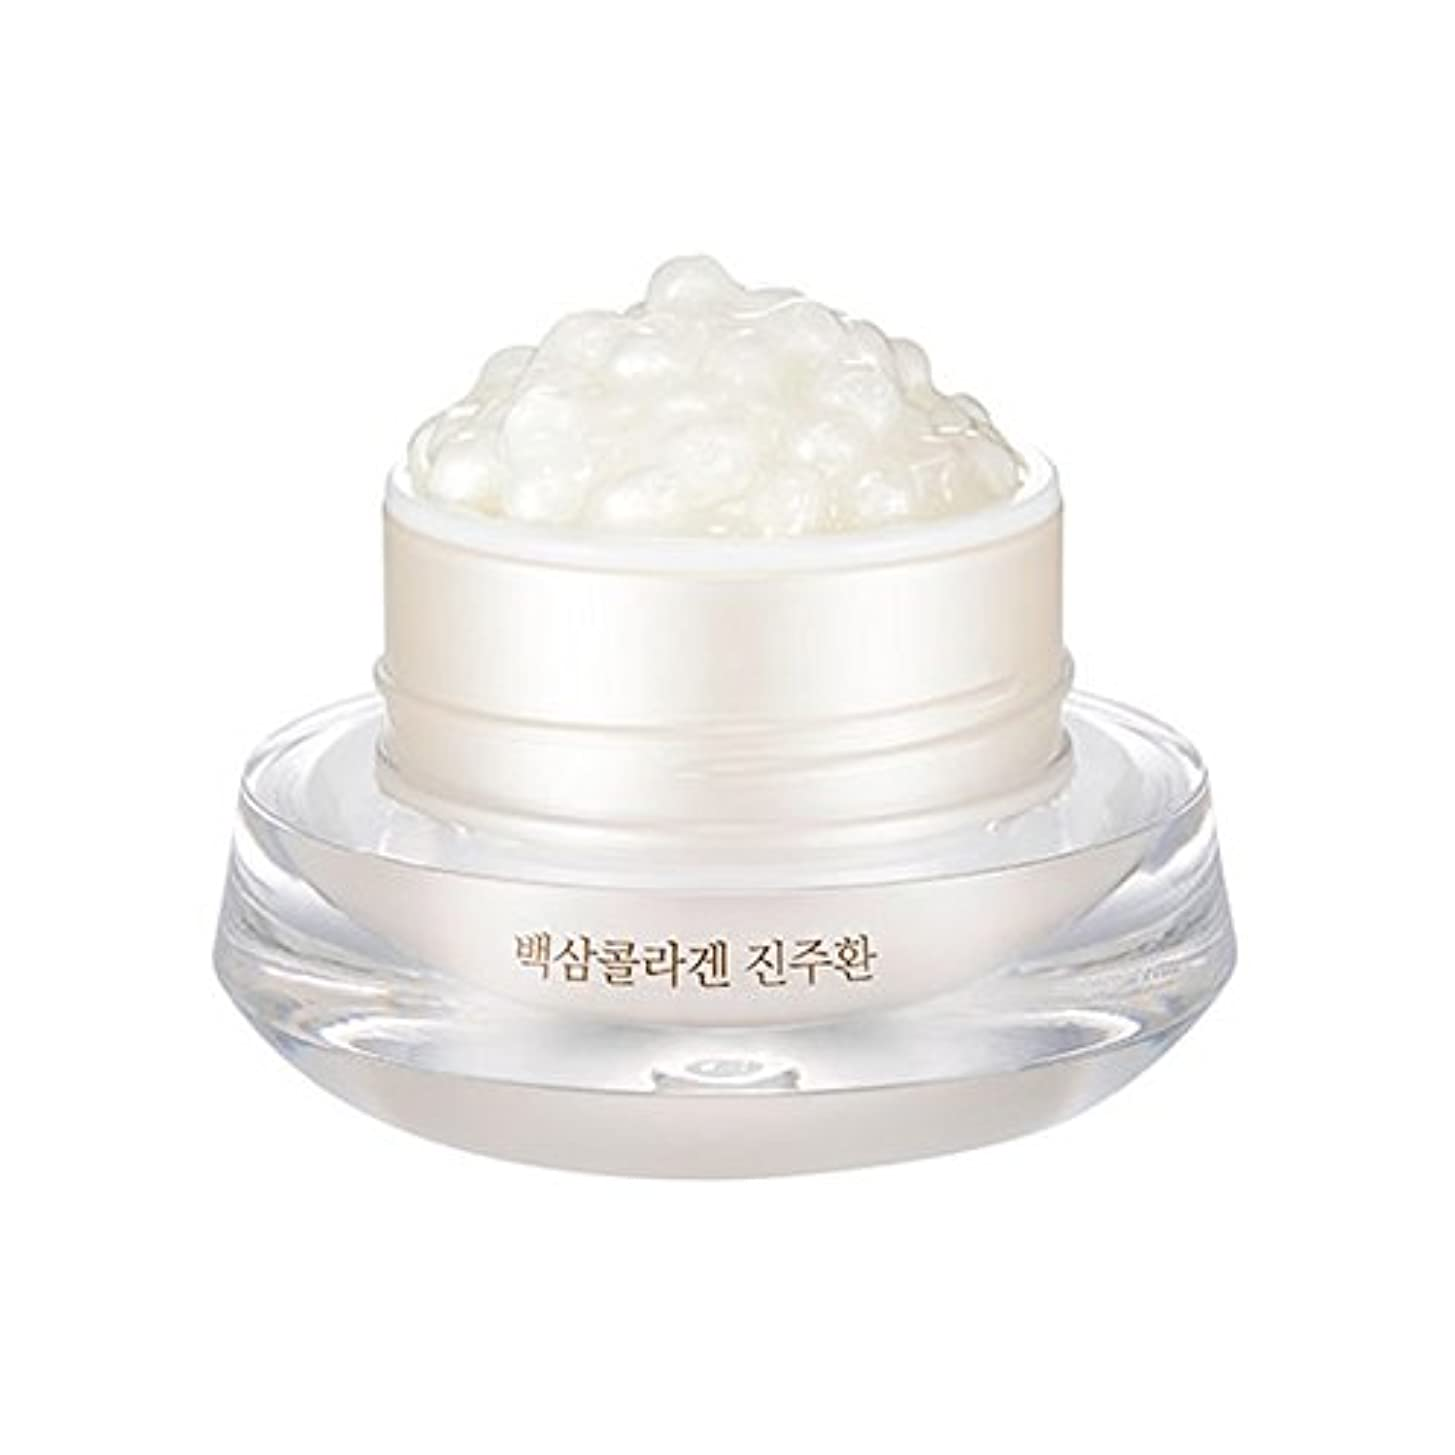 キャッチ収穫州[ザ?フェイスショップ] The Face Shop 白参 コラーゲン パール カプセルクリーム White Ginseng Collagen Pearl Capsule Cream [並行輸入品]